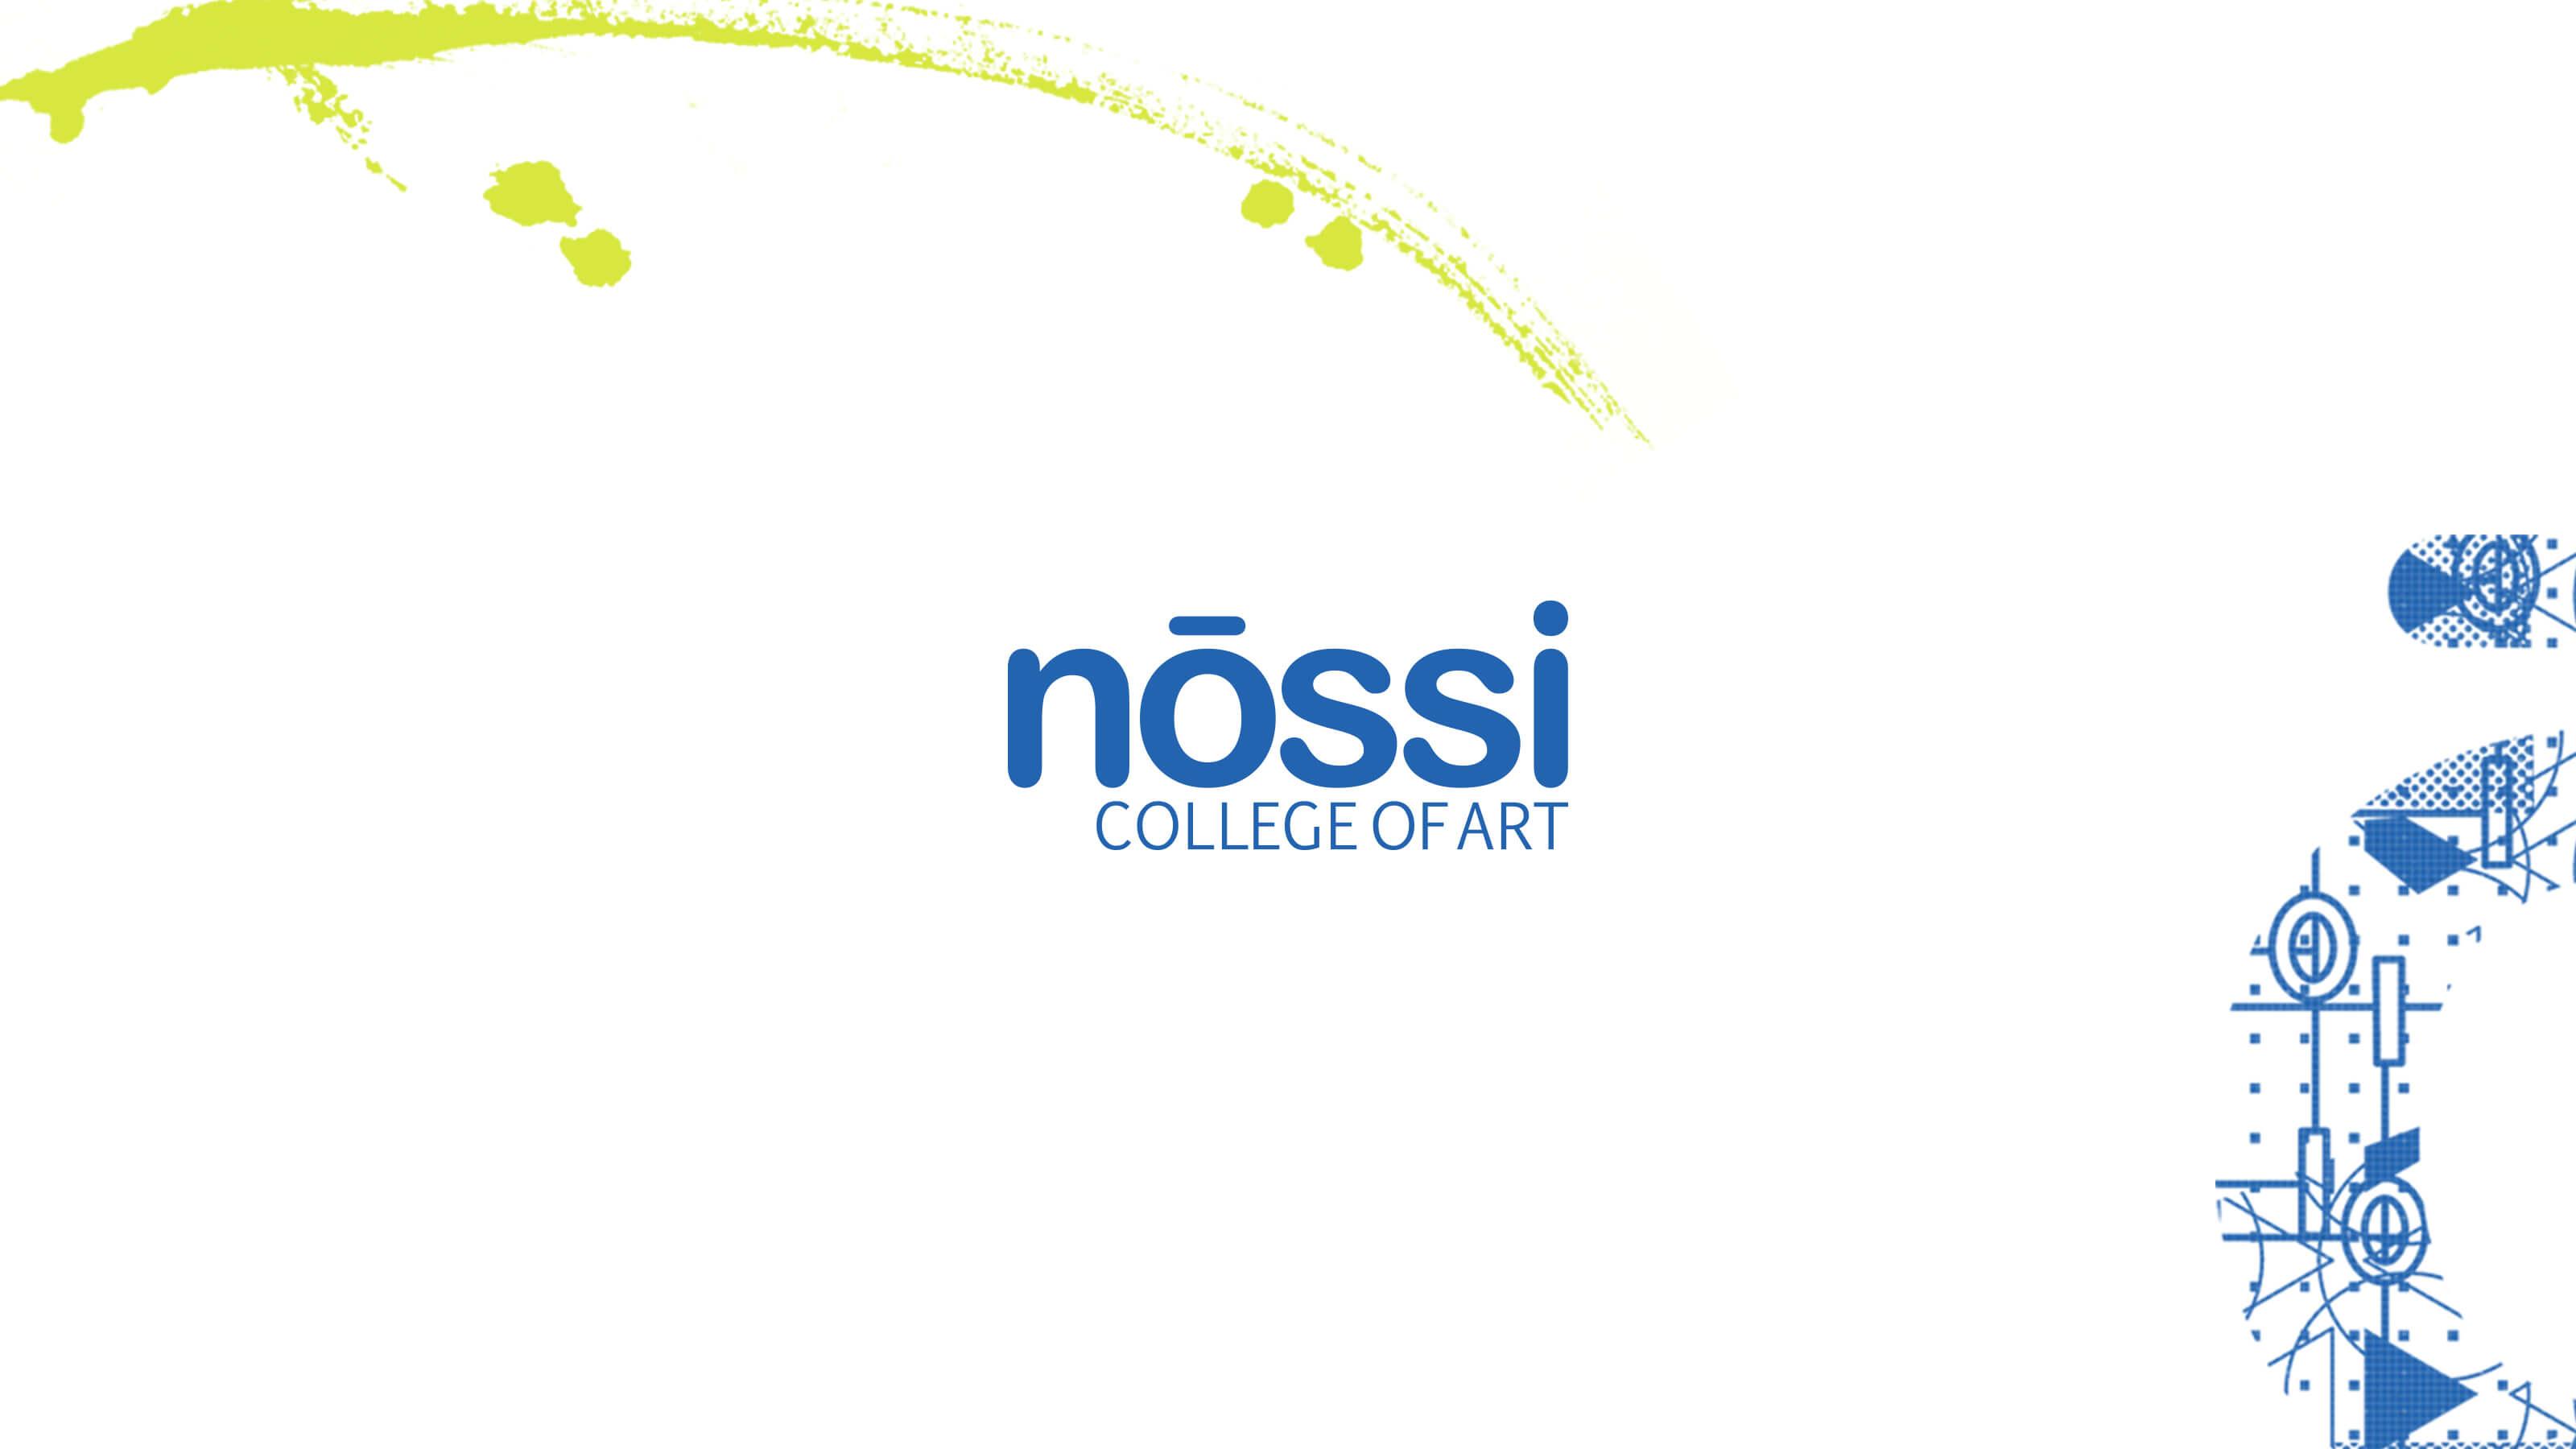 Nossi College of Art design elements for Ben Fieker's Fieker Brothers Website